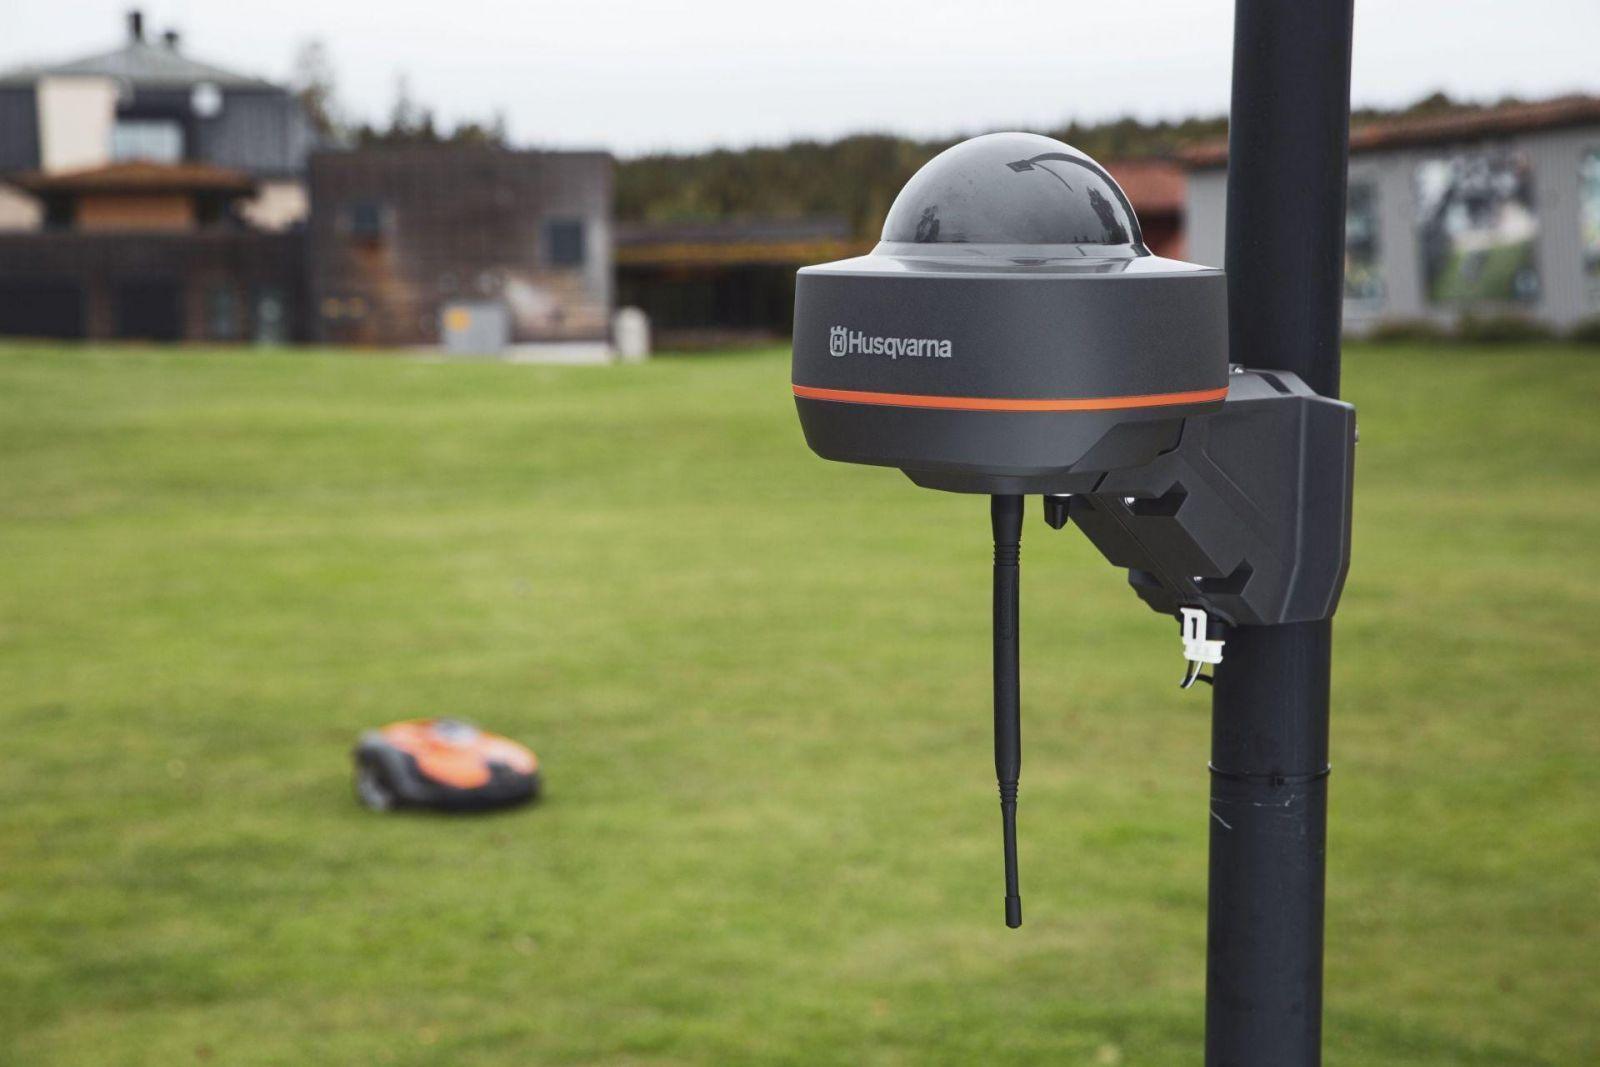 Газонокосилки-роботы Husqvarna теперь работают через спутник